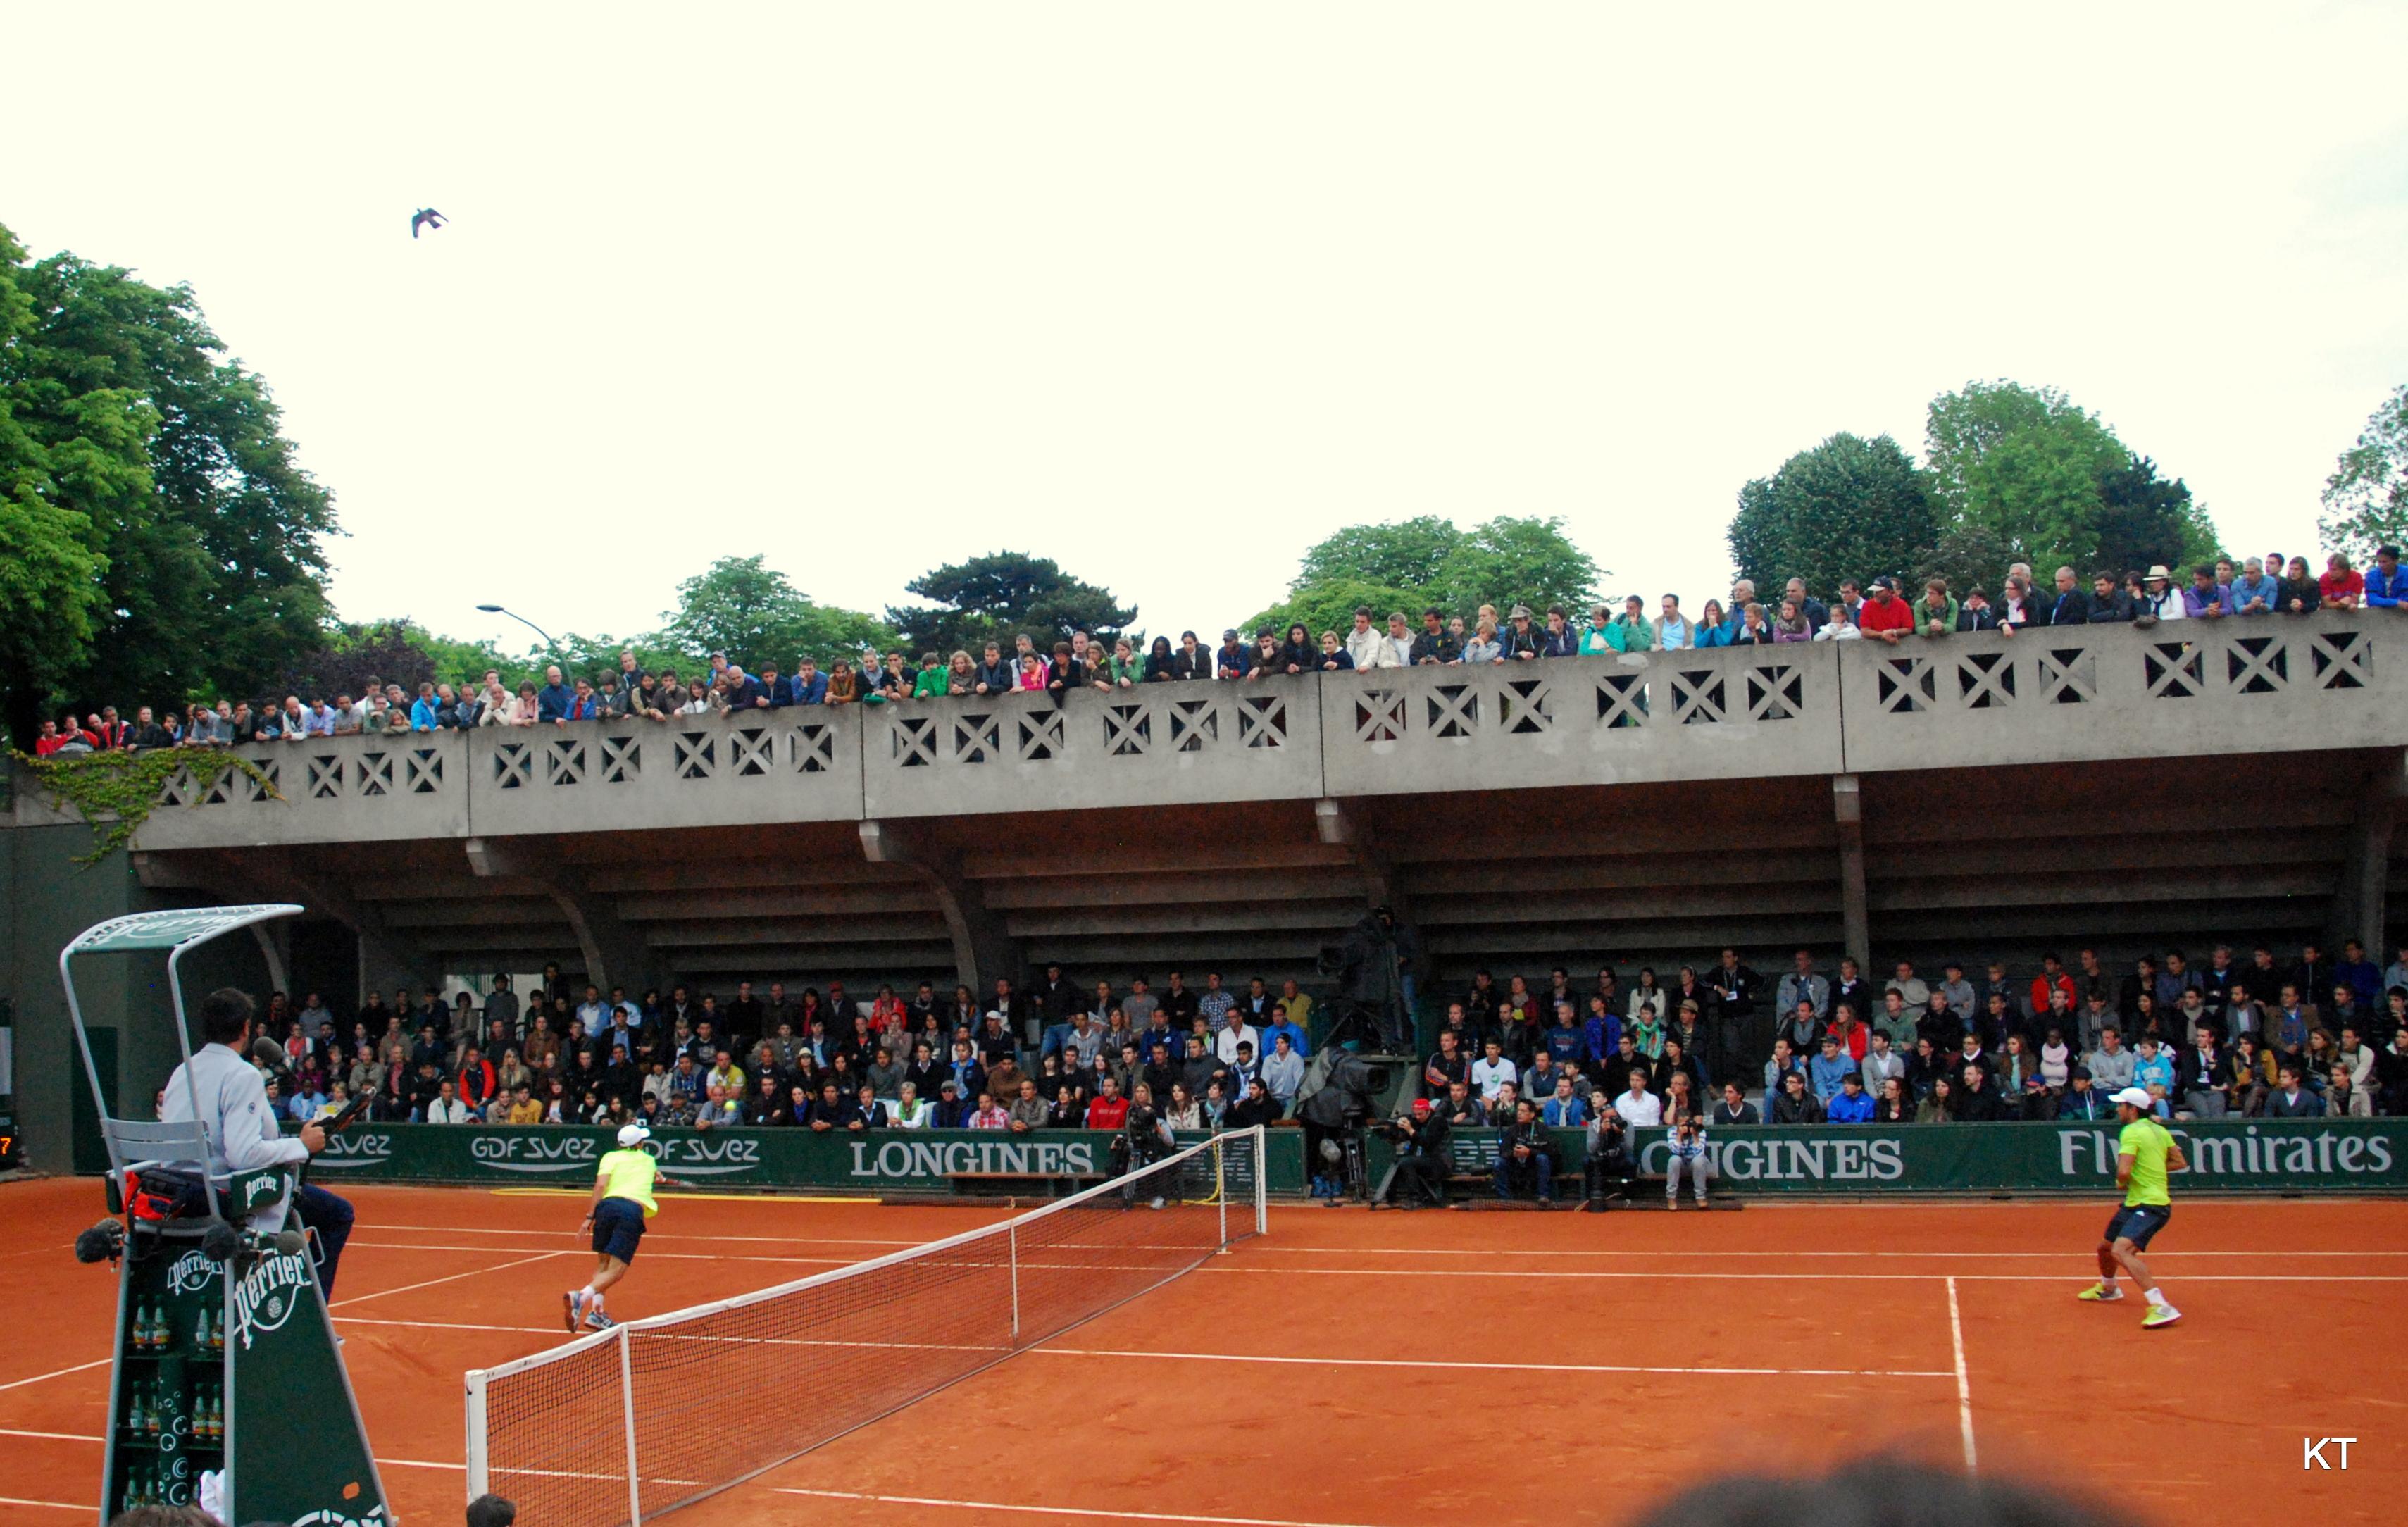 File:Cuevas v Verdasco, Court 2, Roland Garros 2014 ...